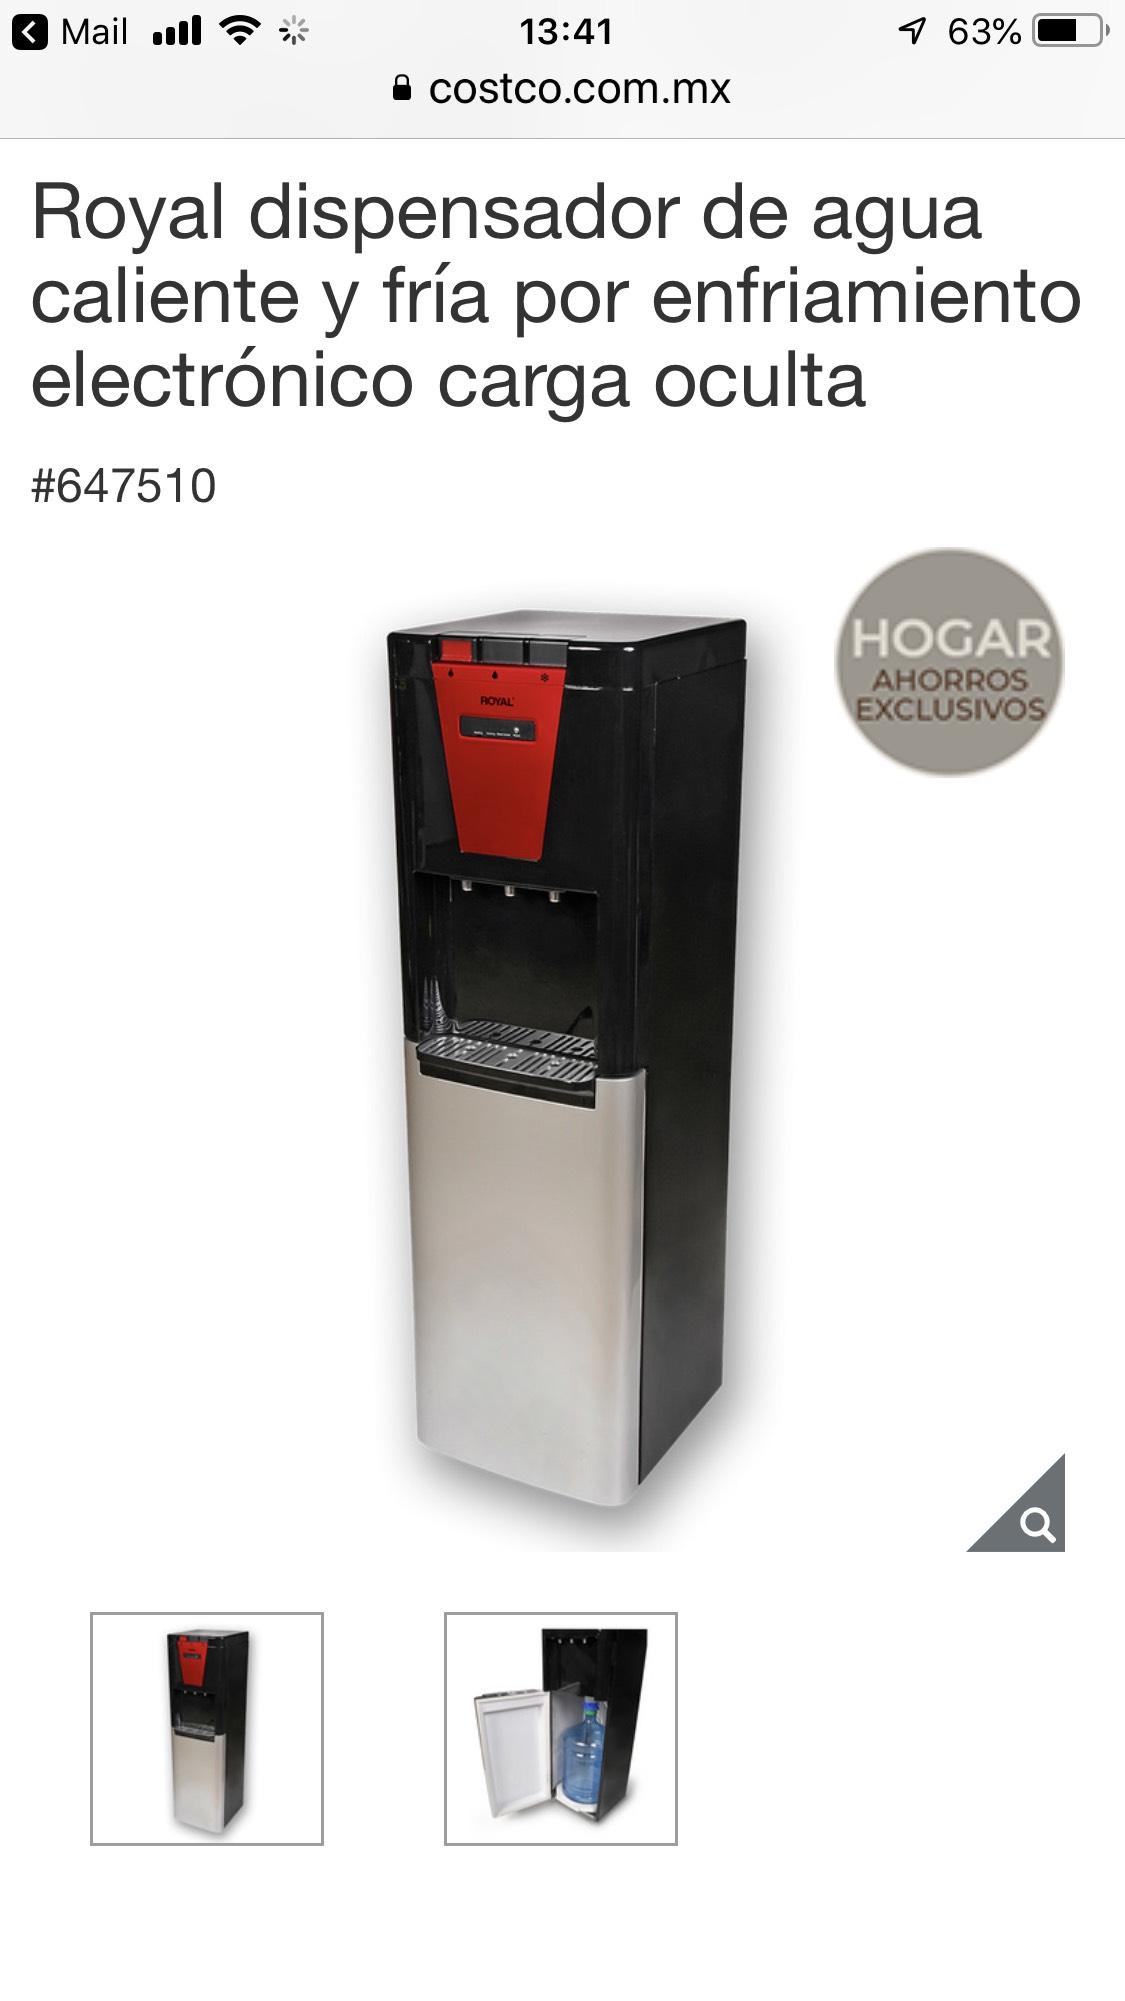 Costco Royal dispensador de agua caliente y fría por enfriamiento electrónico carga oculta